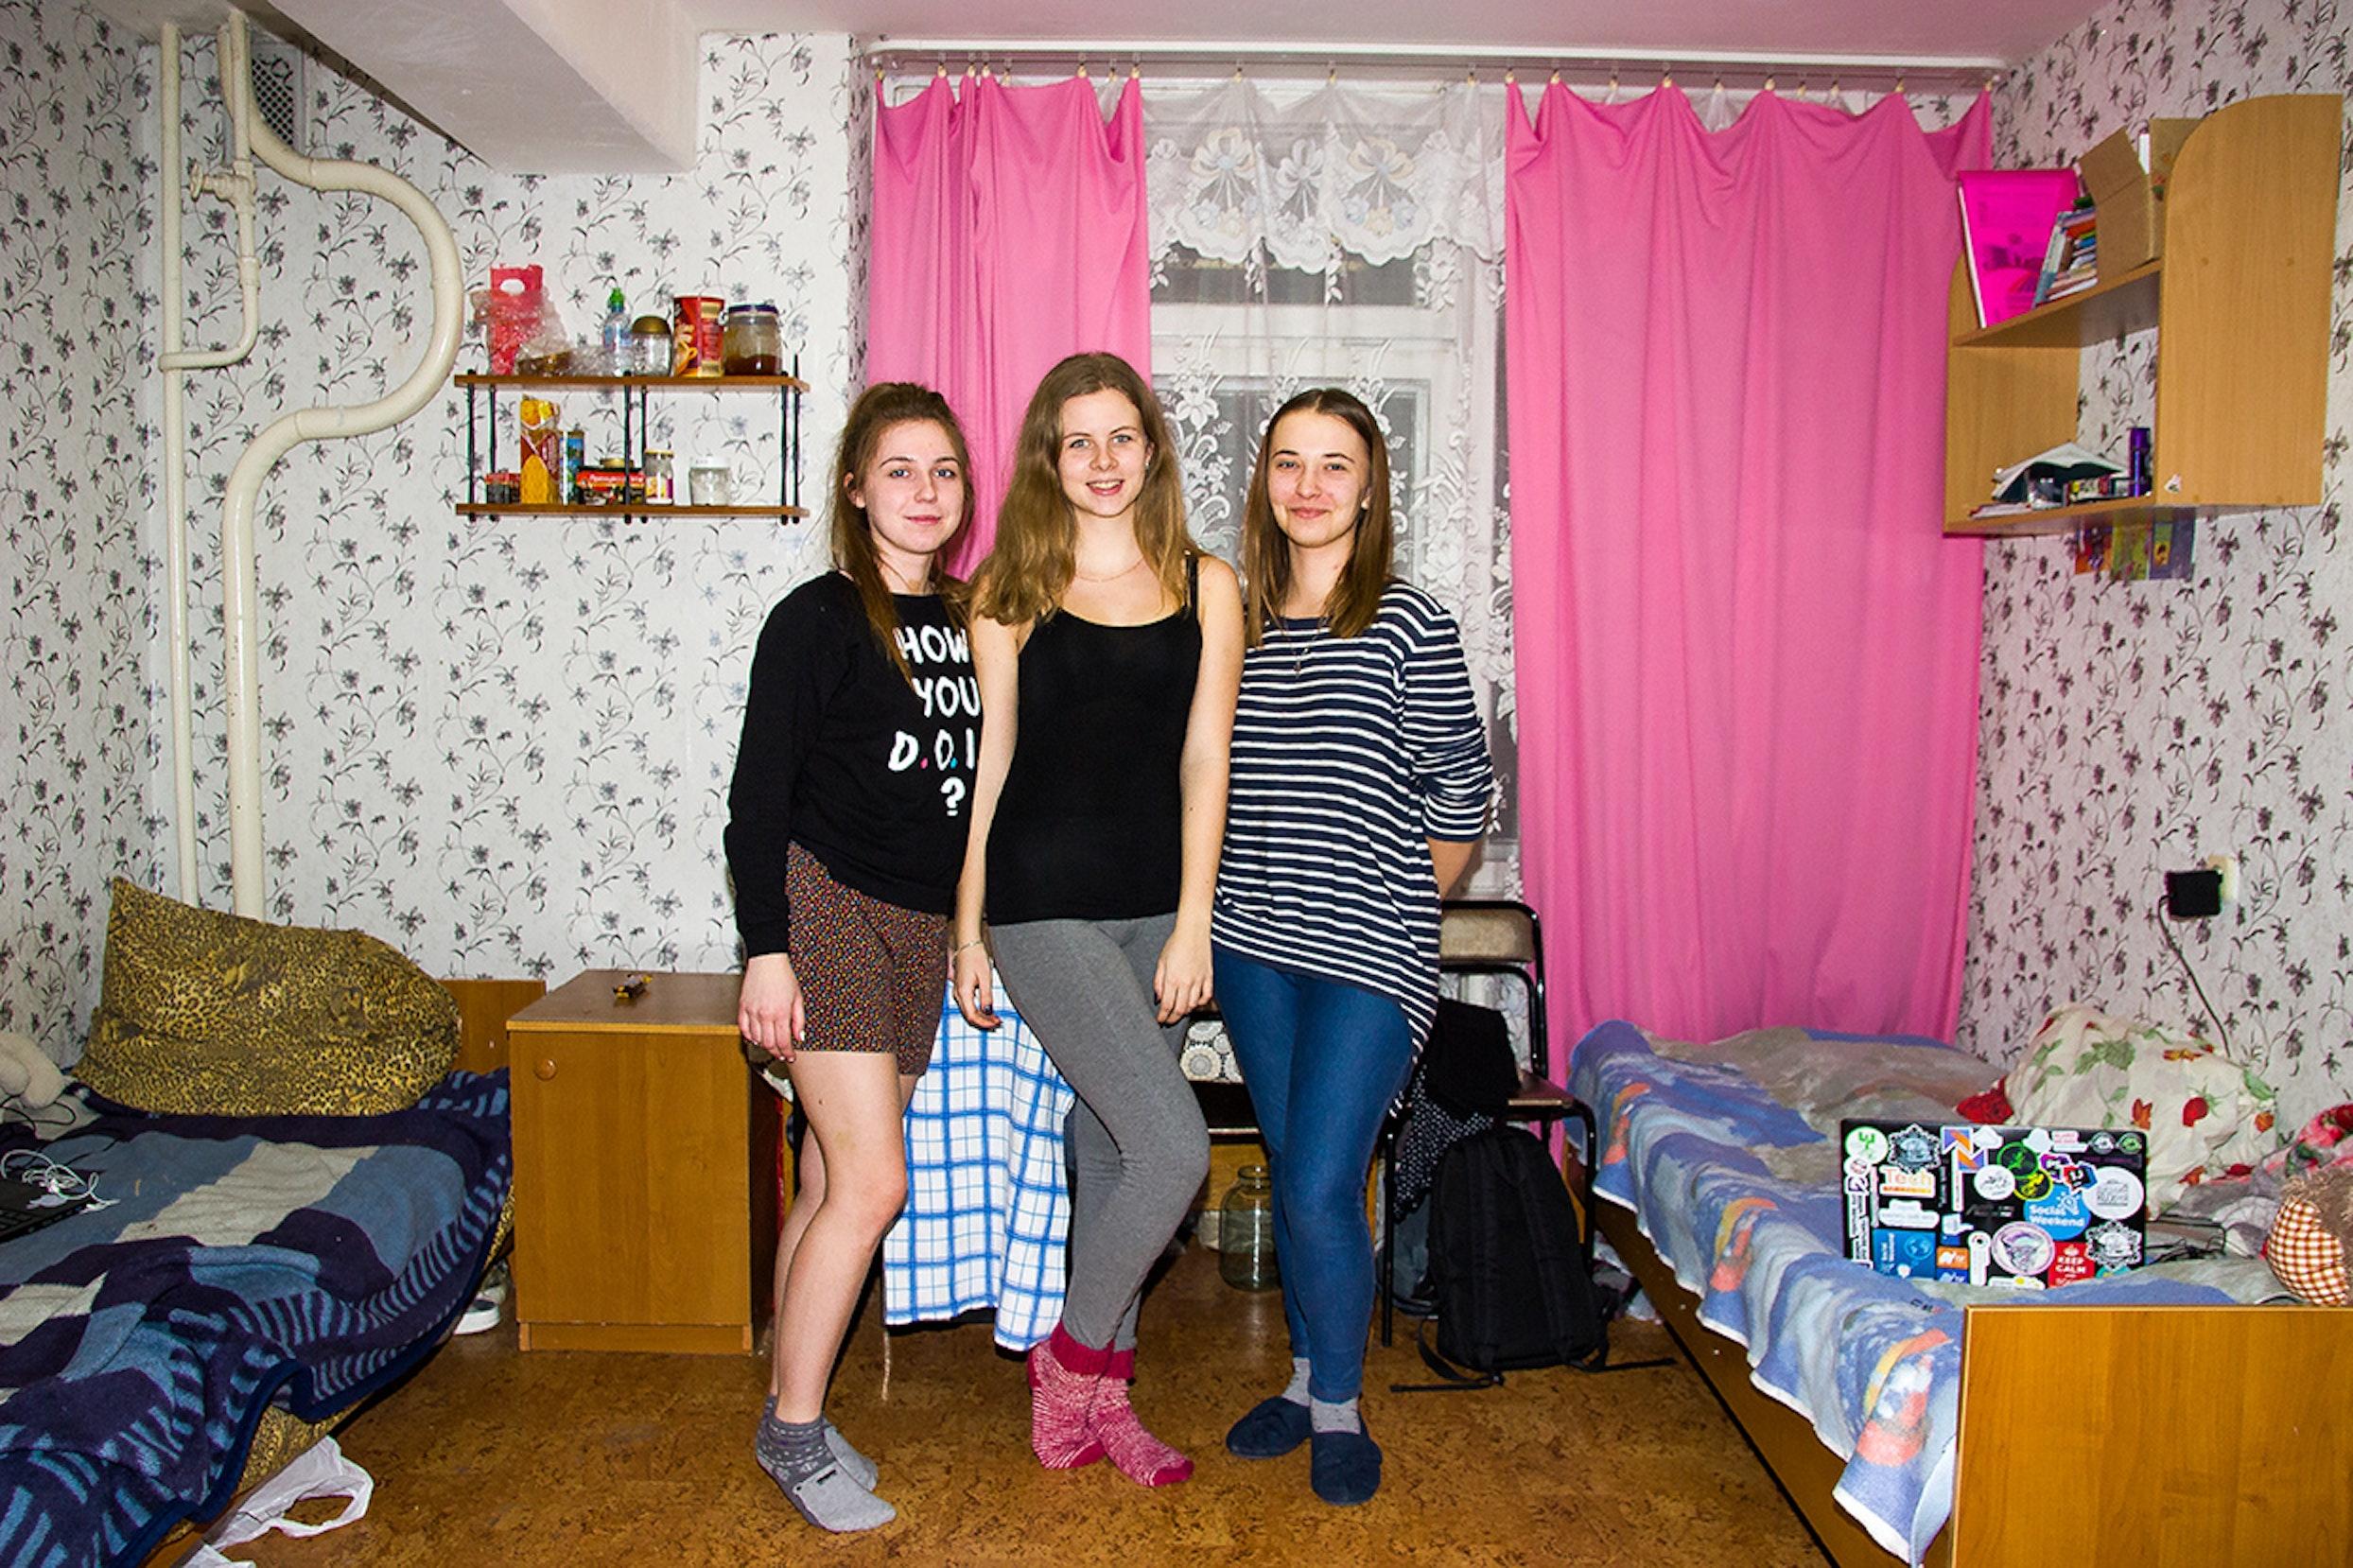 studentki-v-muzhskom-obshezhitii-porno-foto-s-samotikom-krupnim-planom